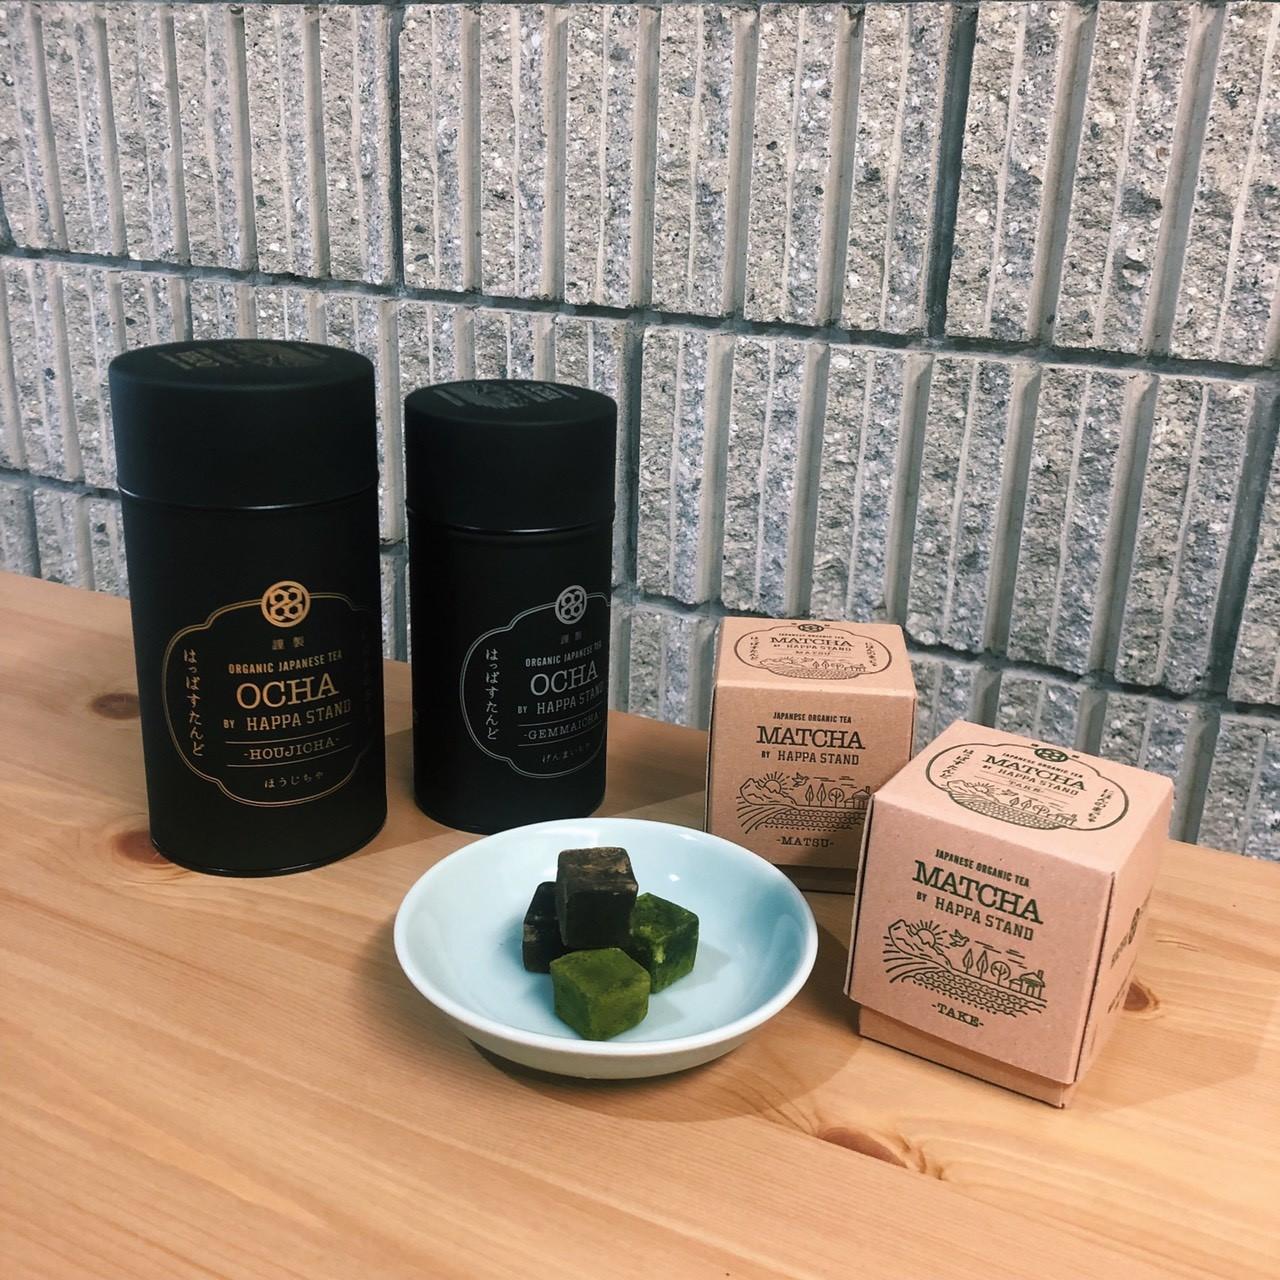 本来の日本食文化を伝える、オーガニックなお茶〈HAPPA STAND〉へ。